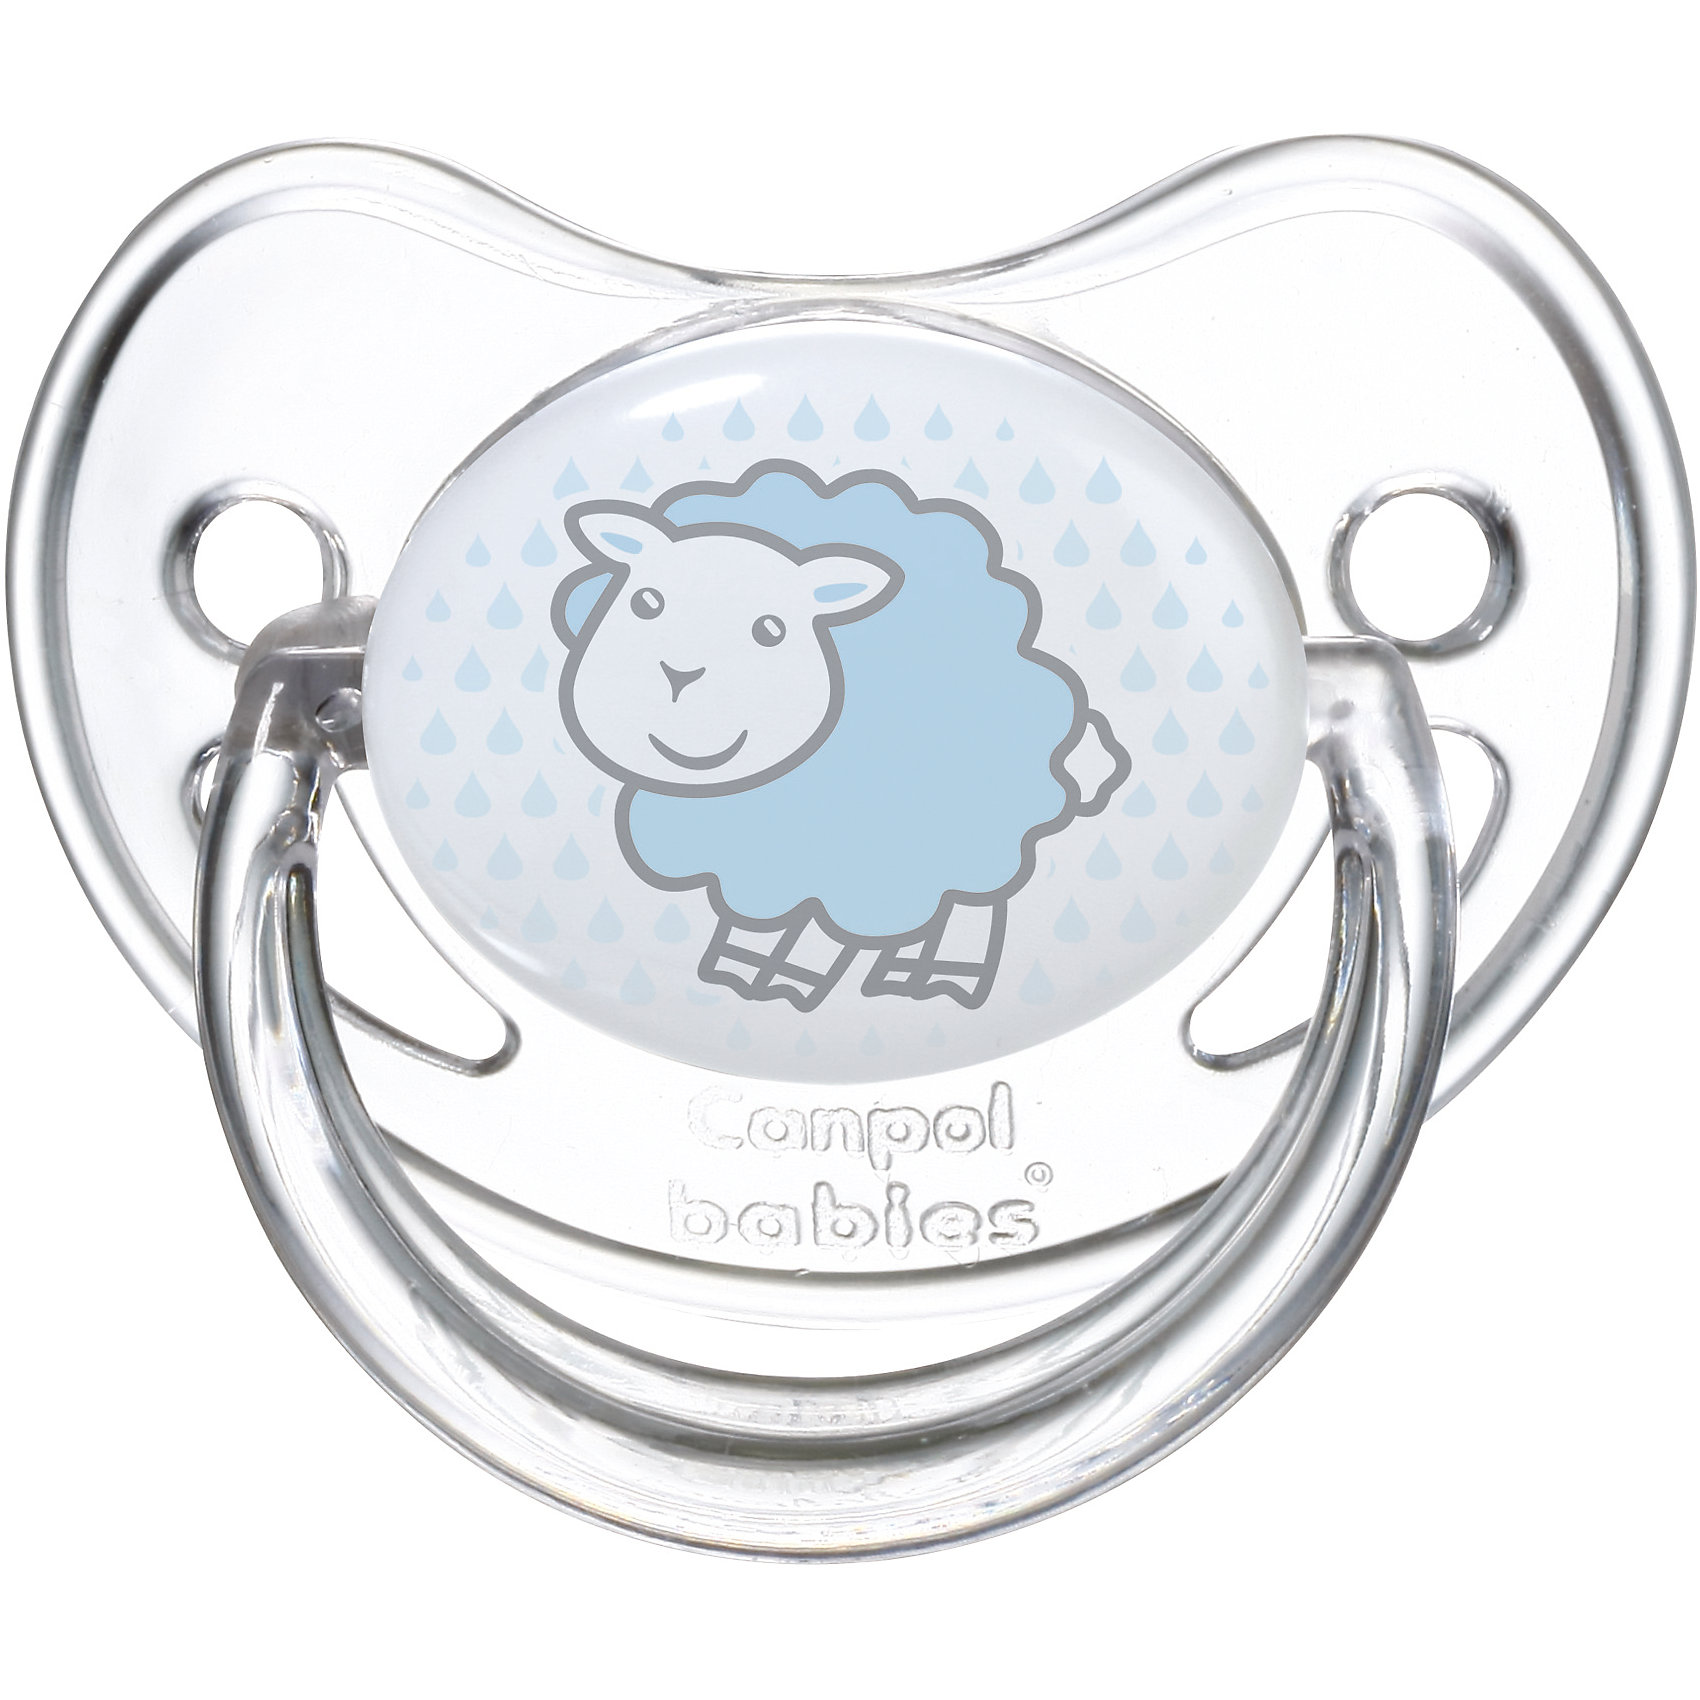 Пустышка анатомическая силиконовая, 6-18 Transparent, Canpol Babies, овечкаПустышки из силикона<br>Характеристики:<br><br>• Наименование: пустышка<br>• Пол: для мальчика<br>• Материал: силикон, пластик<br>• Цвет: белый, голубой<br>• Форма: анатомическая<br>• Наличие отверстий для вентиляции<br>• Наличие кольца для держателя<br>• Особенности ухода: регулярная стерилизация и своевременная замена<br><br>Пустышка анатомическая силиконовая, 6-18 Transparent, Canpol Babies, овечка имеет специальную форму, которая обеспечивает правильное давление на небо. Изготовлена из запатентованного вида силикона, который не имеет запаха. При правильном уходе обеспечивает длительное использование. У соски имеется ограничитель из прозрачного пластика, который учитывает анатомические особенности детского личика, и кольцо для держателя. Пустышка анатомическая силиконовая, 6-18 Transparent, Canpol Babies, овечка выполнена в стильном дизайне с изображением милой овечки.<br><br>Пустышку анатомическую силиконовую, 6-18 Transparent, Canpol Babies, овечку можно купить в нашем интернет-магазине.<br><br>Ширина мм: 95<br>Глубина мм: 45<br>Высота мм: 155<br>Вес г: 110<br>Возраст от месяцев: 6<br>Возраст до месяцев: 18<br>Пол: Мужской<br>Возраст: Детский<br>SKU: 5156628